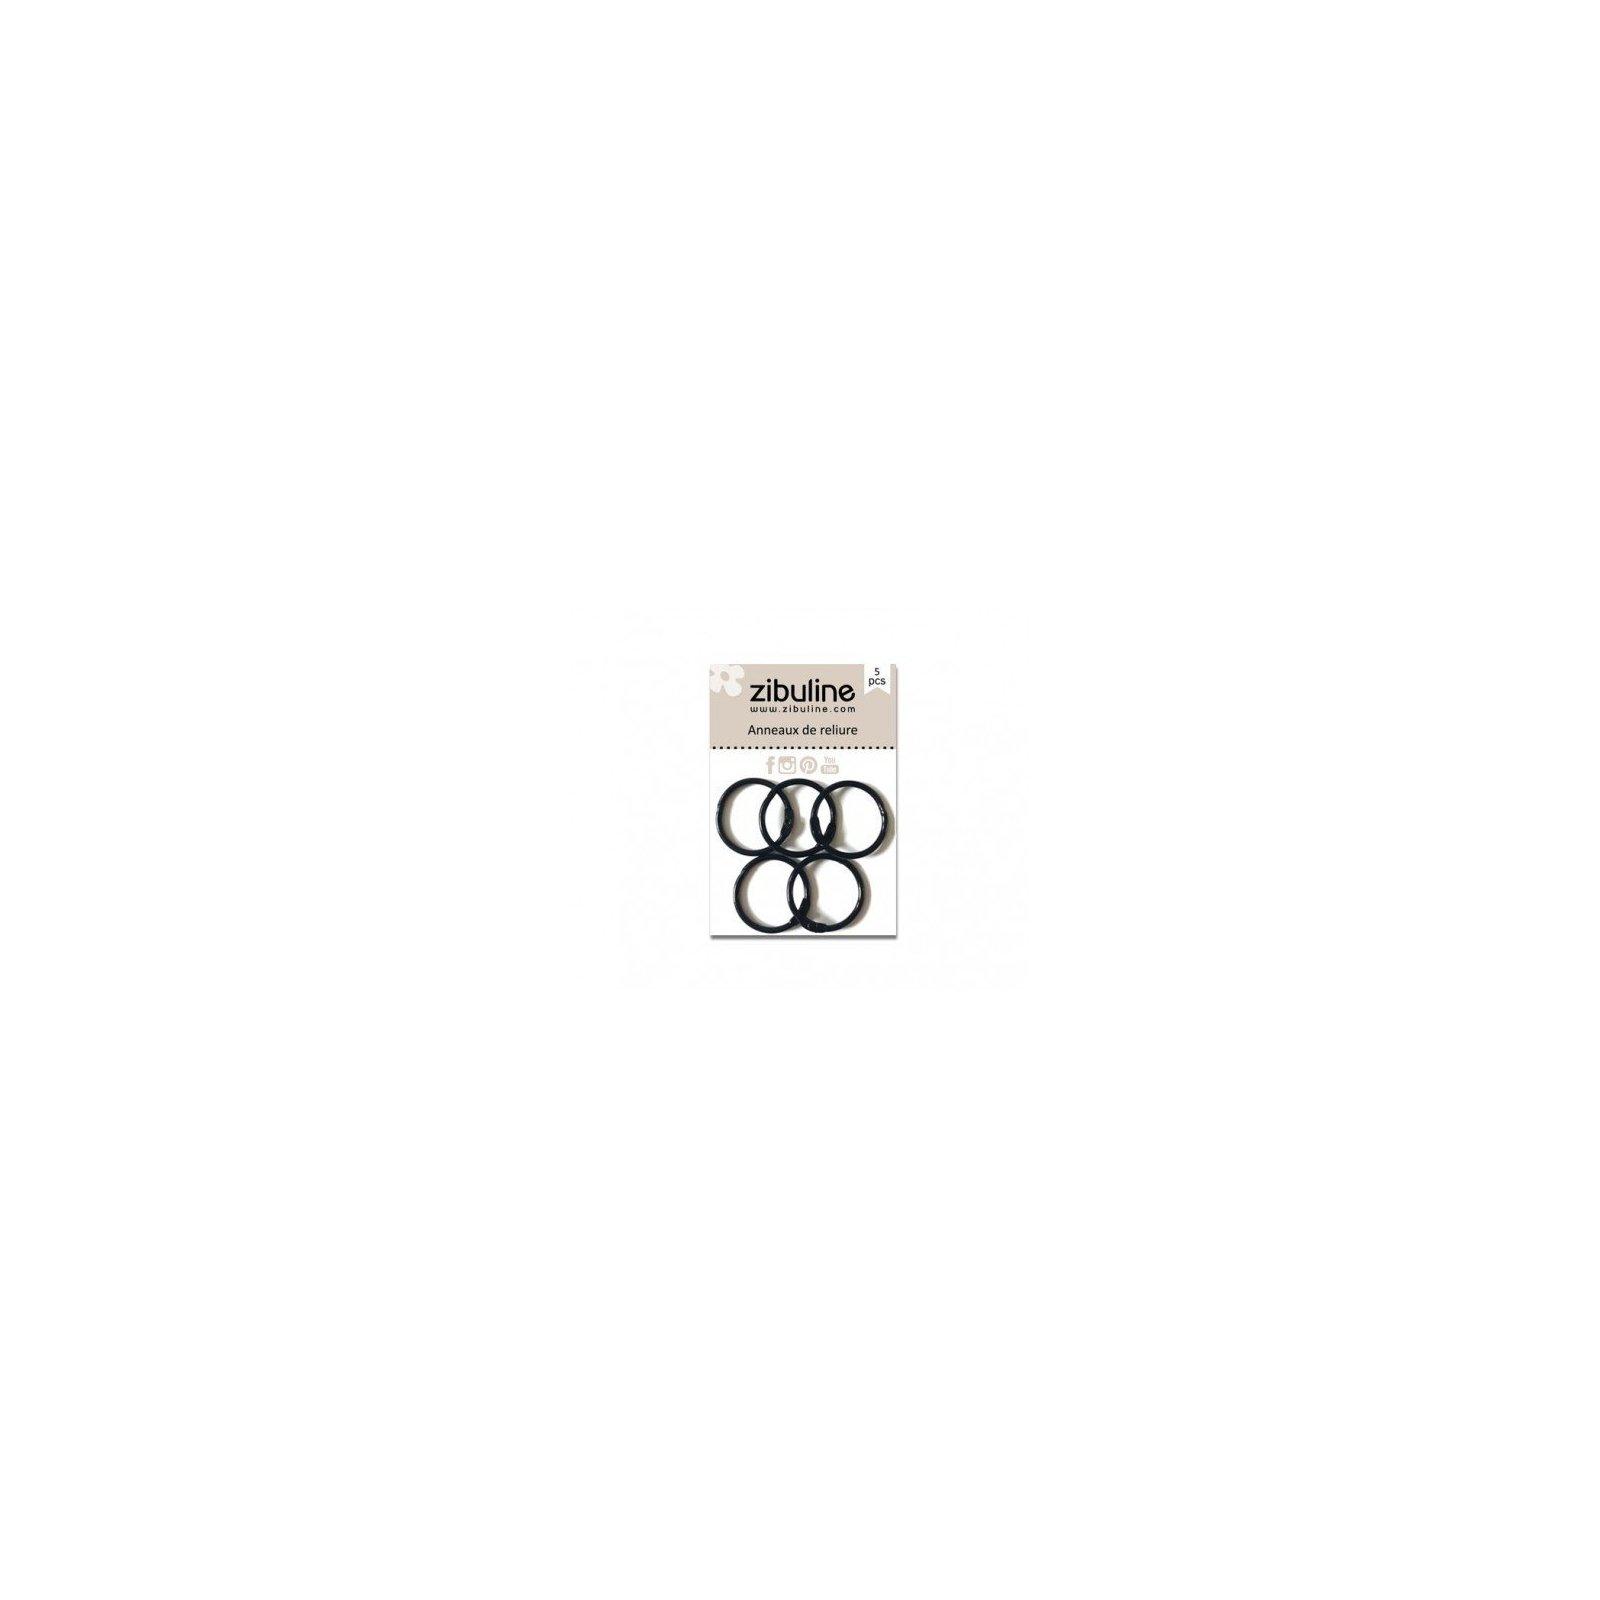 Anneaux de reliure 25 mm - Noir - Zibuline